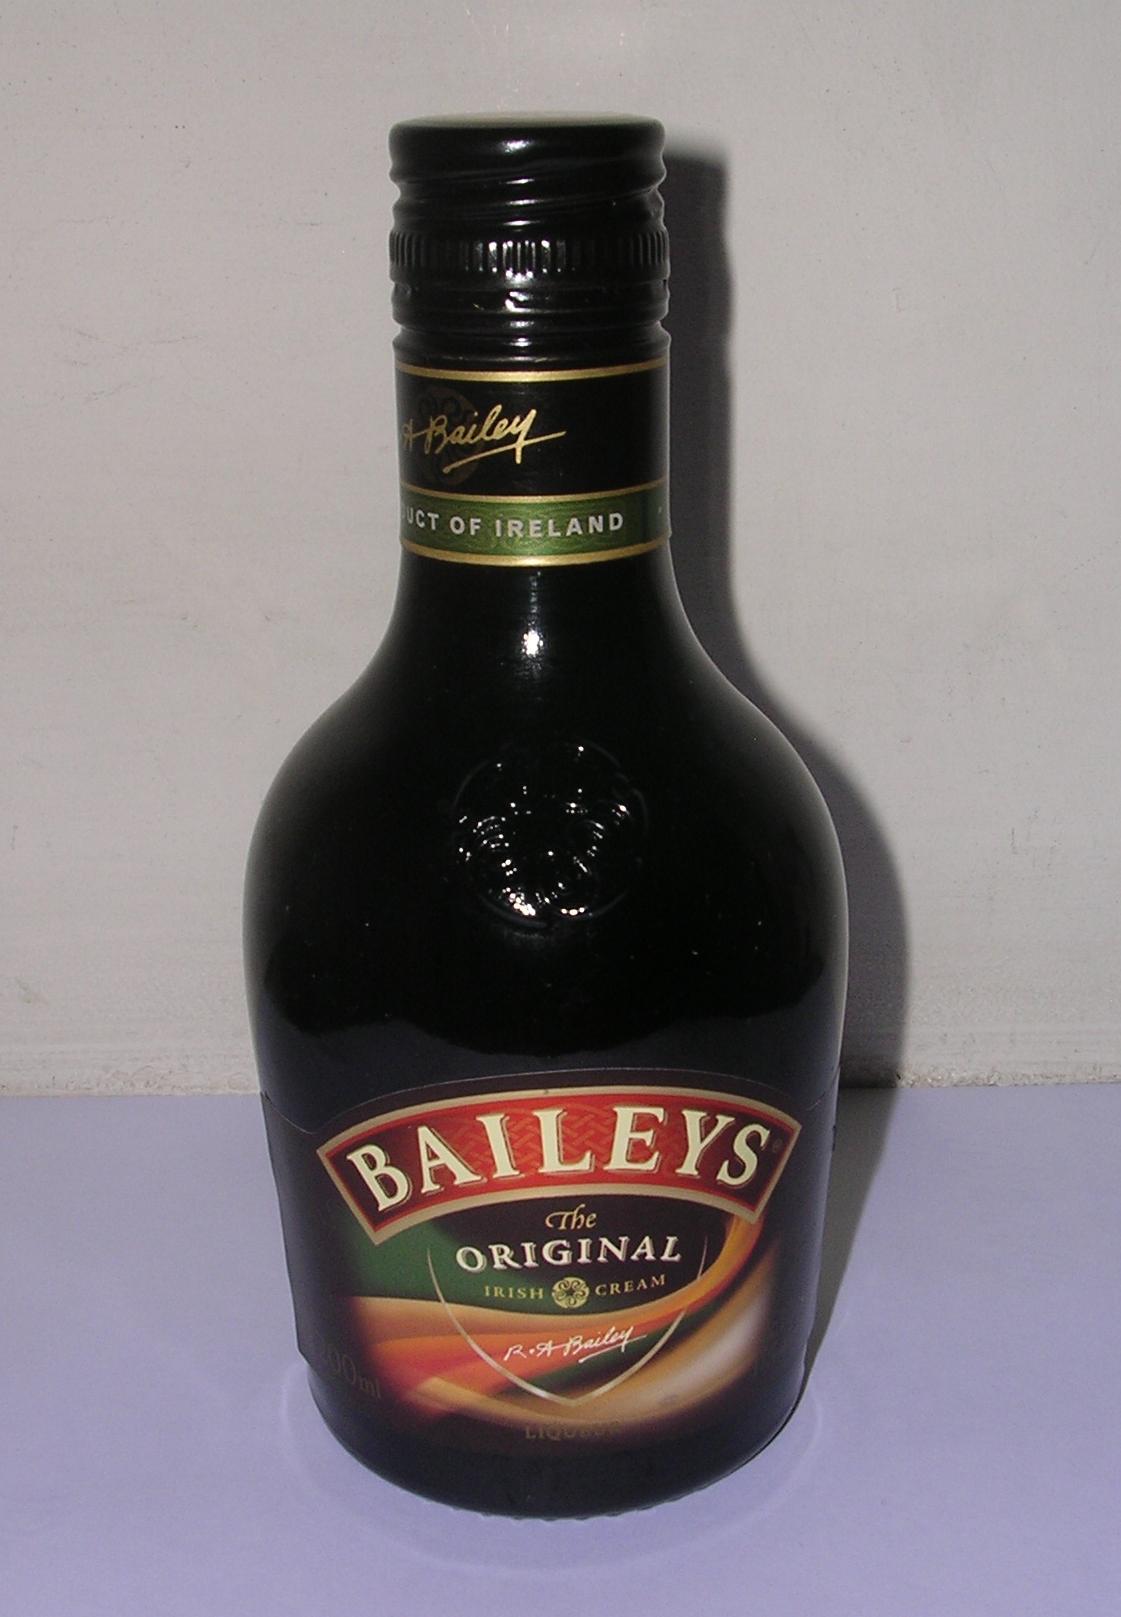 Baileys Irish Cream Foto:Wikimediacommons